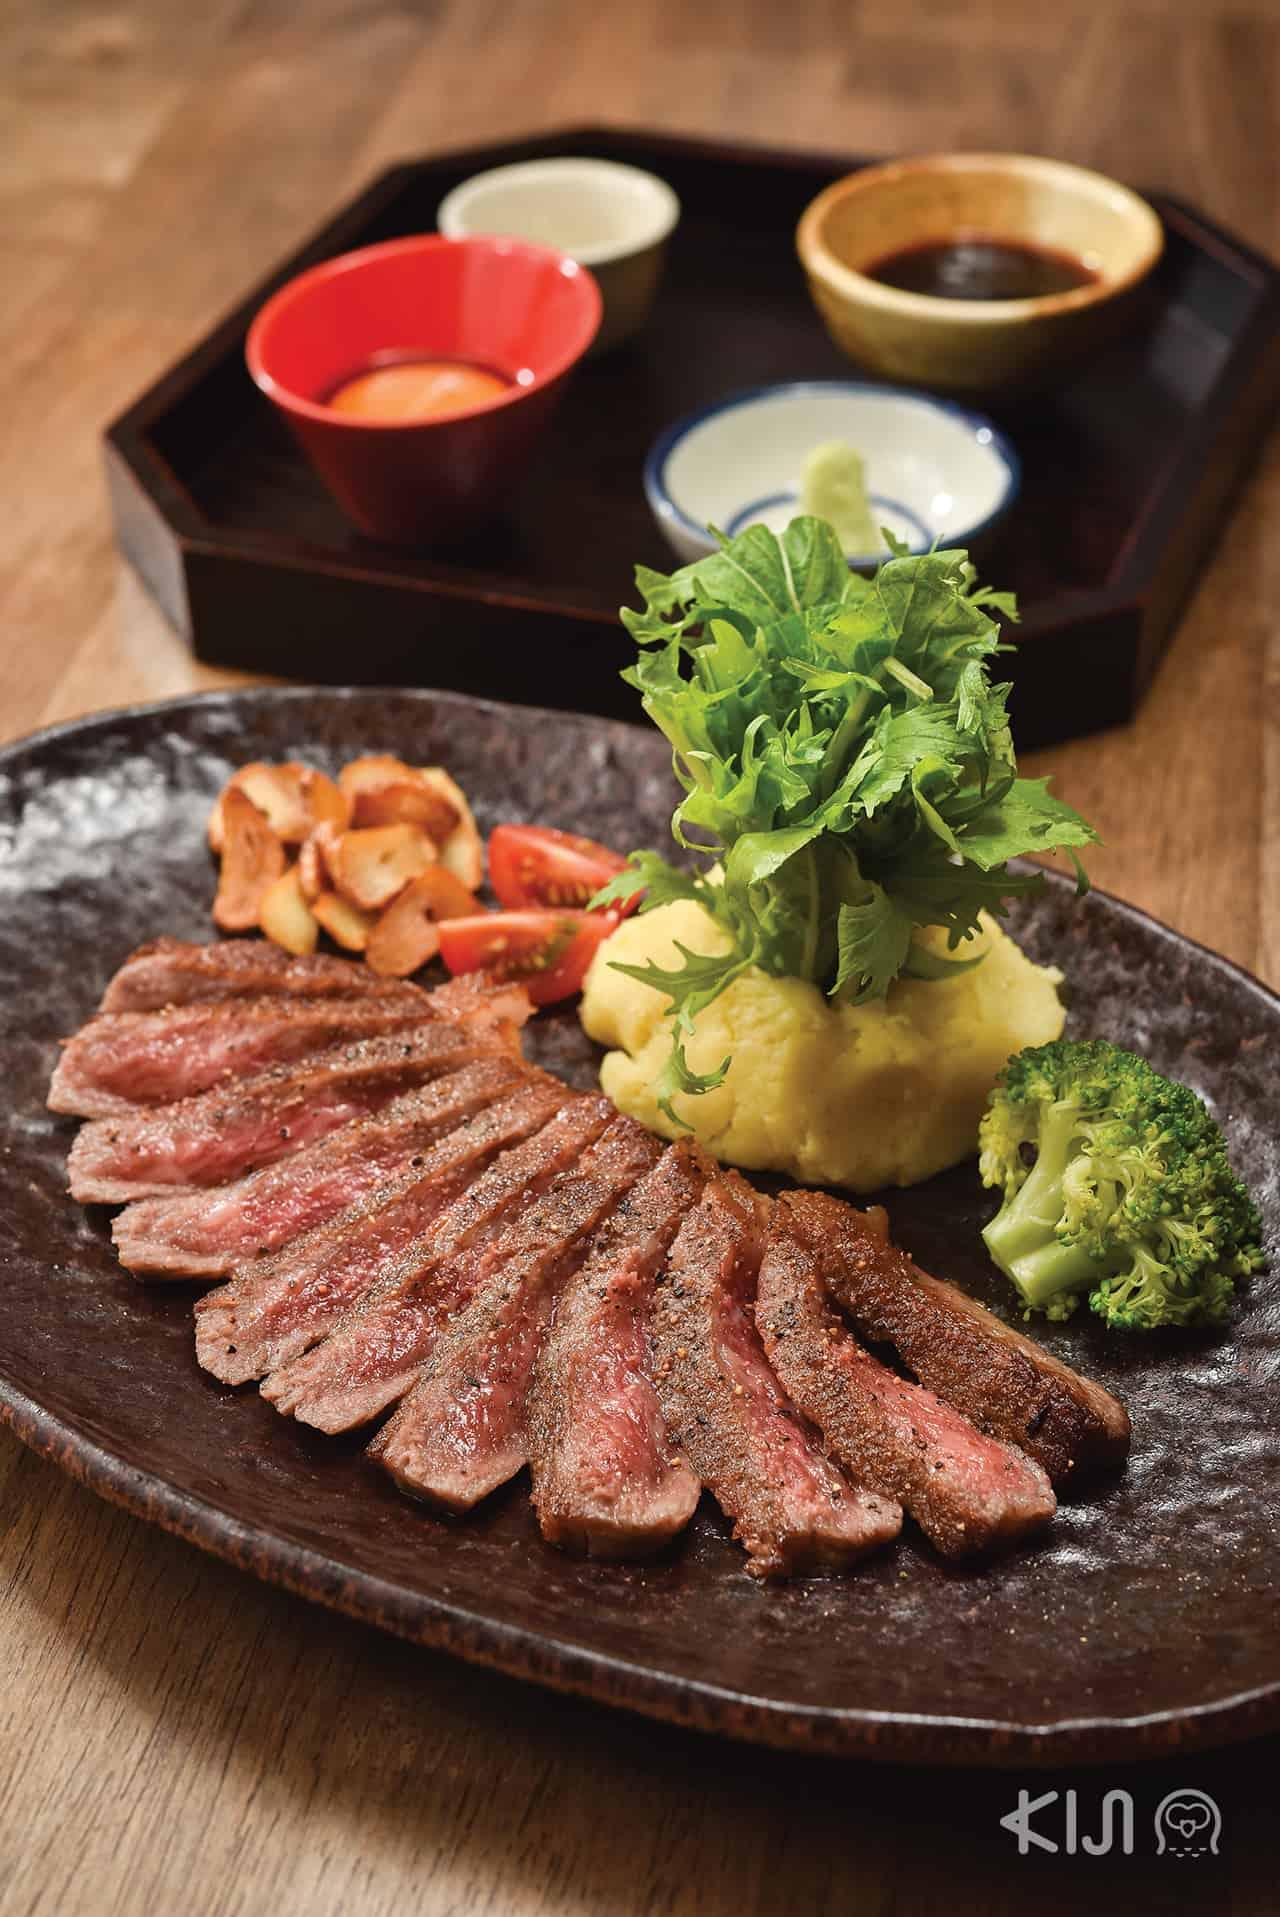 ร้าน Hitachino : Hitachi Beef Steak สเต็กเนื้อฮิตาจิ จากฟาร์มจังหวัดอิบารากิ